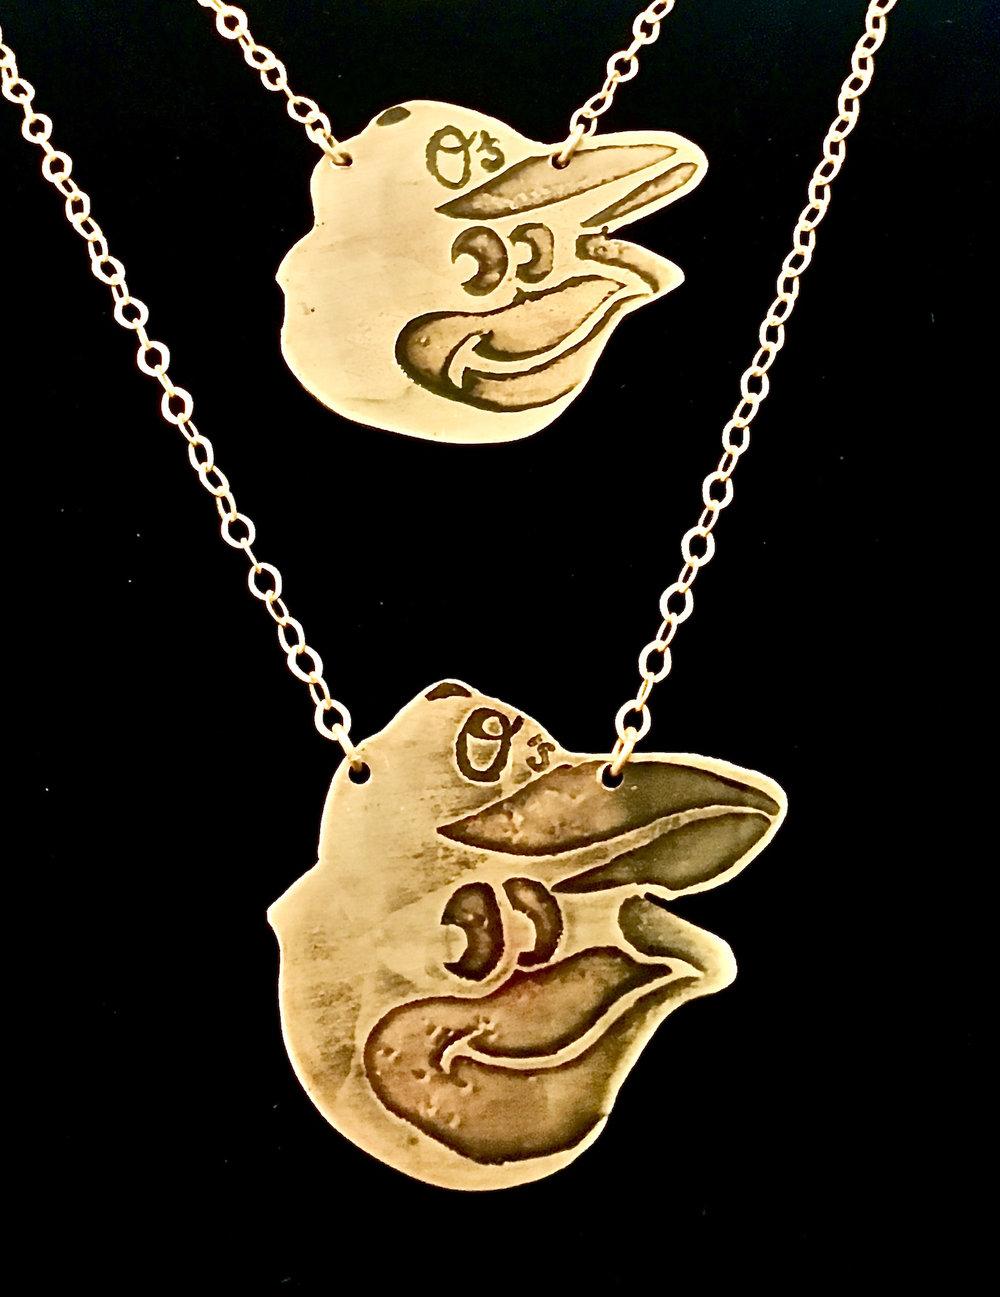 Baltimore Orioles Cutout Necklace